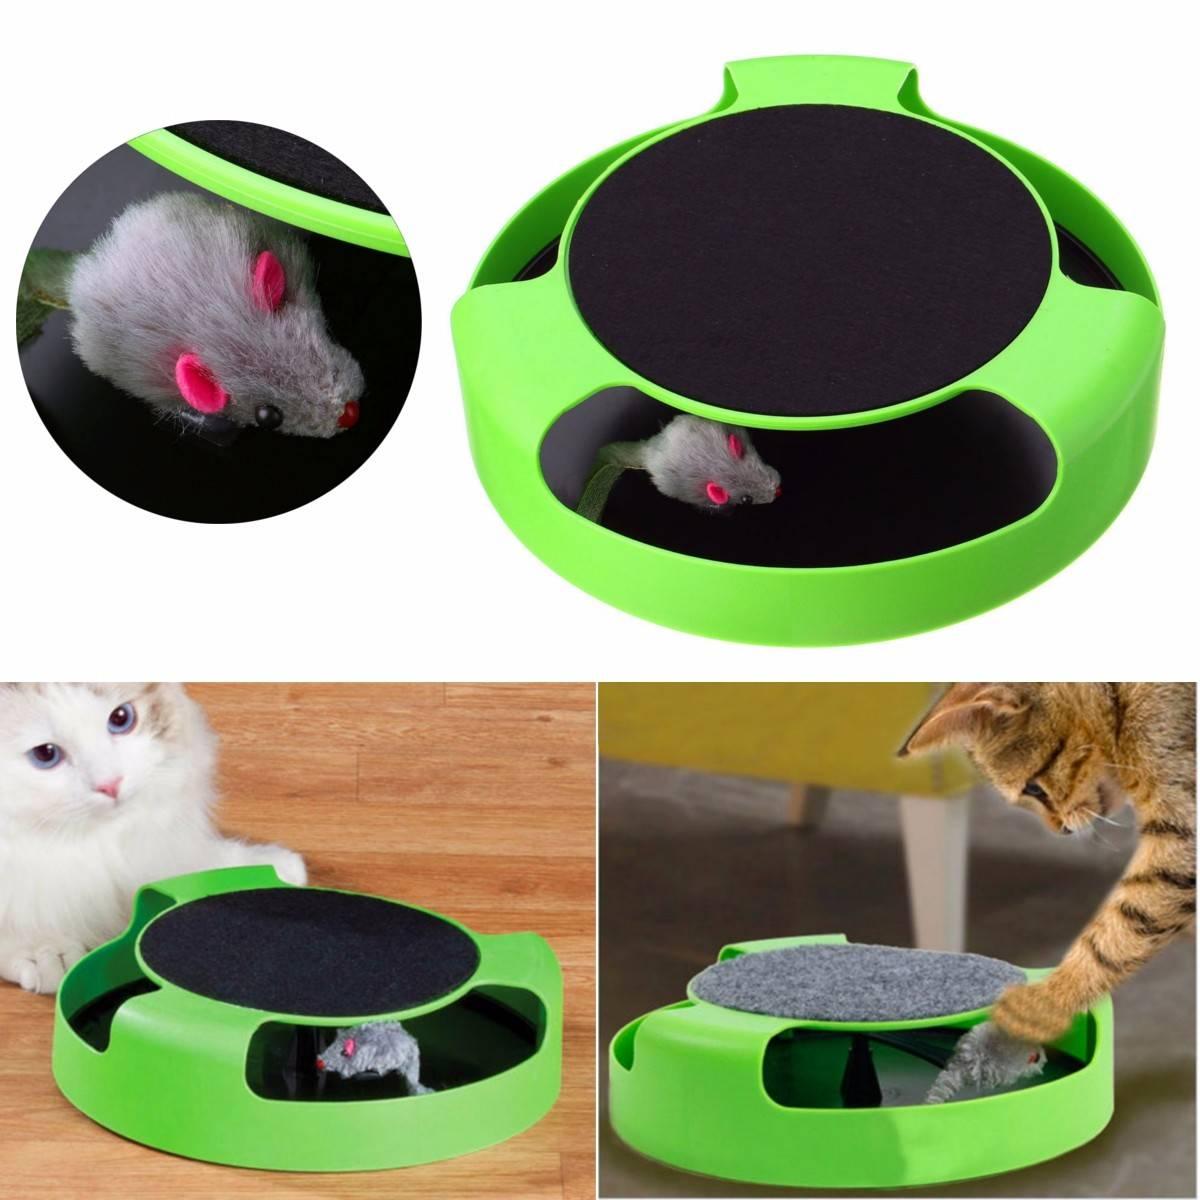 Делаем игрушки для кошки своими руками